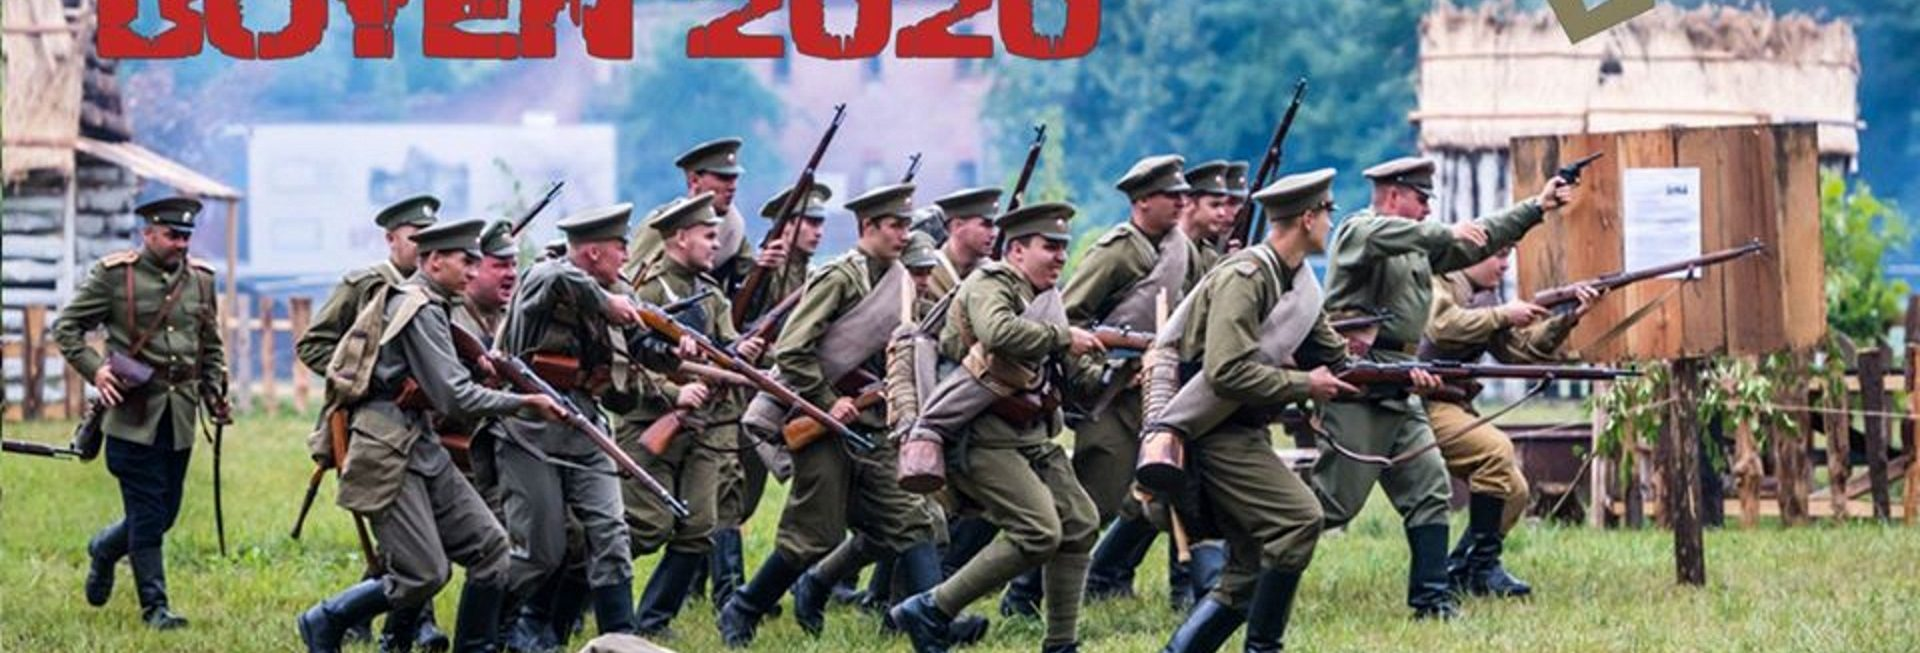 Zdjęcie zapraszające w dniach 6-9 sierpnia do Giżycka na Święto Twierdzy Boyen Operacja Boyen 2020. Zdjęcie przedstawia inscenizację bitwy, na której widzimy atakujących żołnierzy w mundurach z epoki I Wojny Światowej.